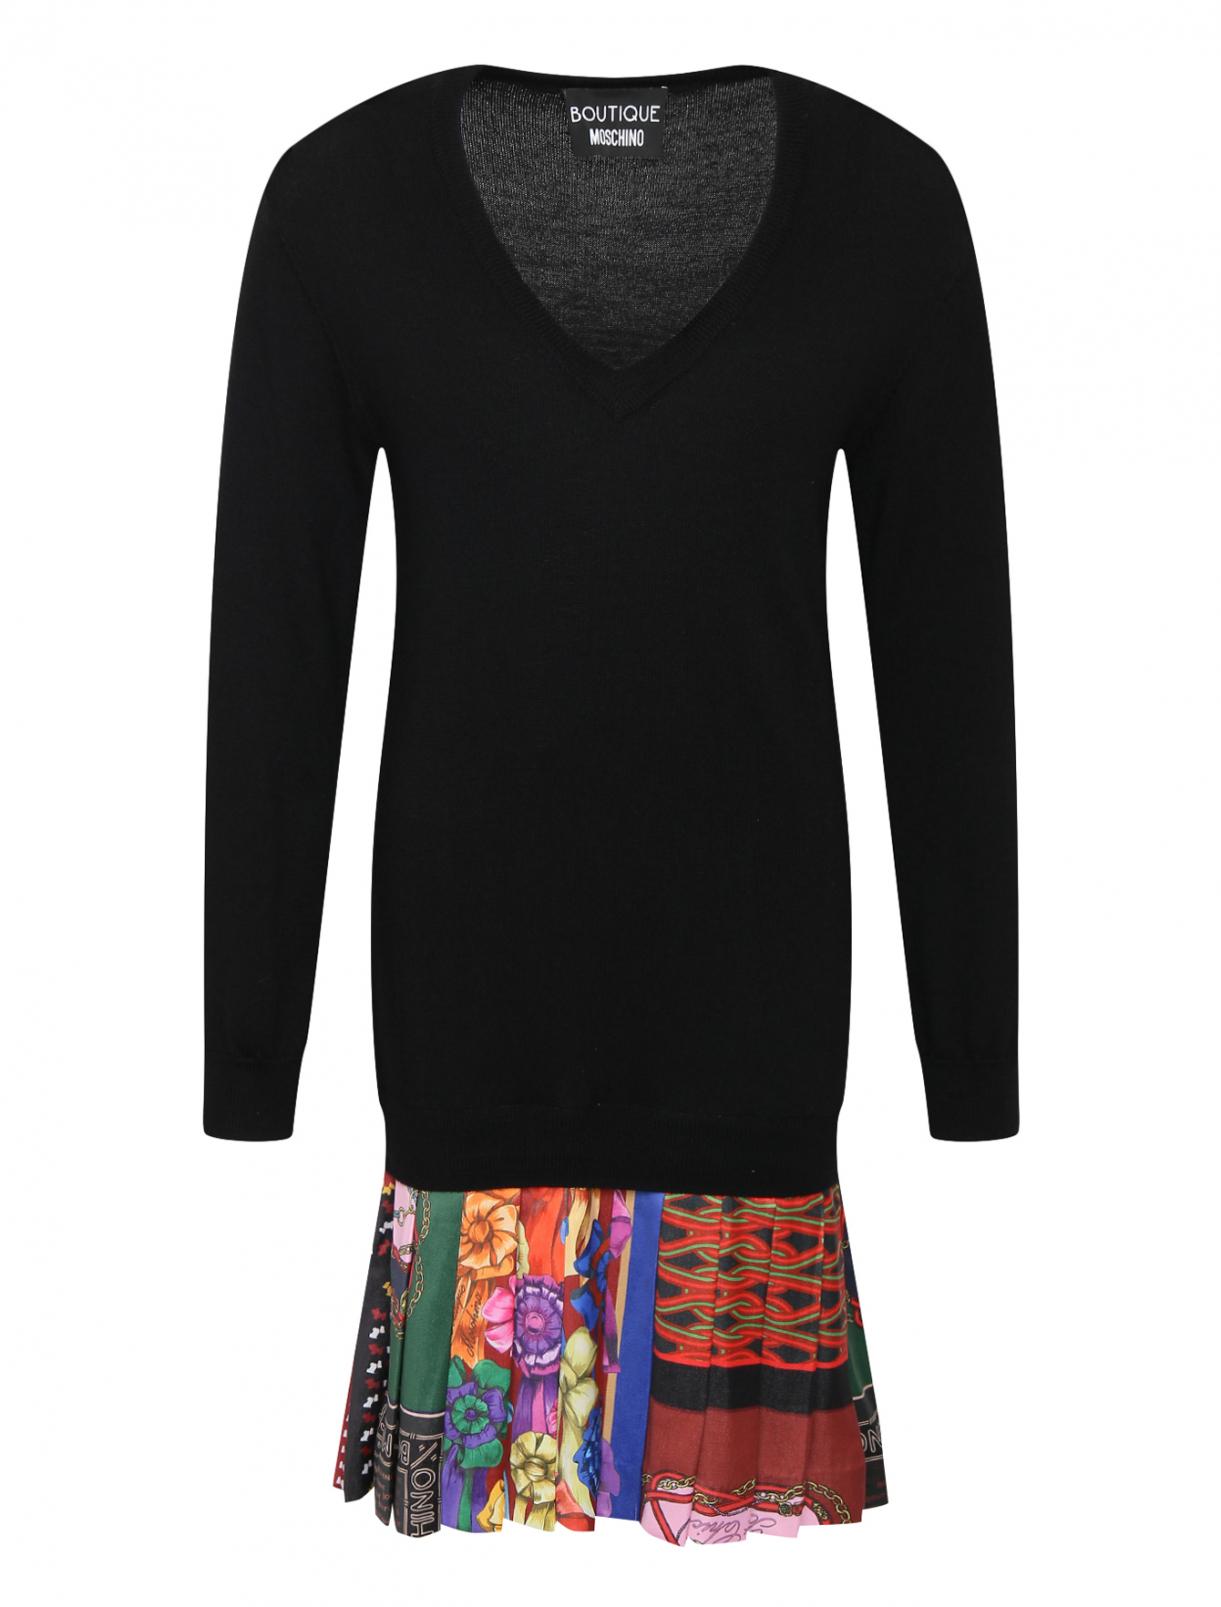 Трикотажное платье с контрастной отделкой Moschino Boutique  –  Общий вид